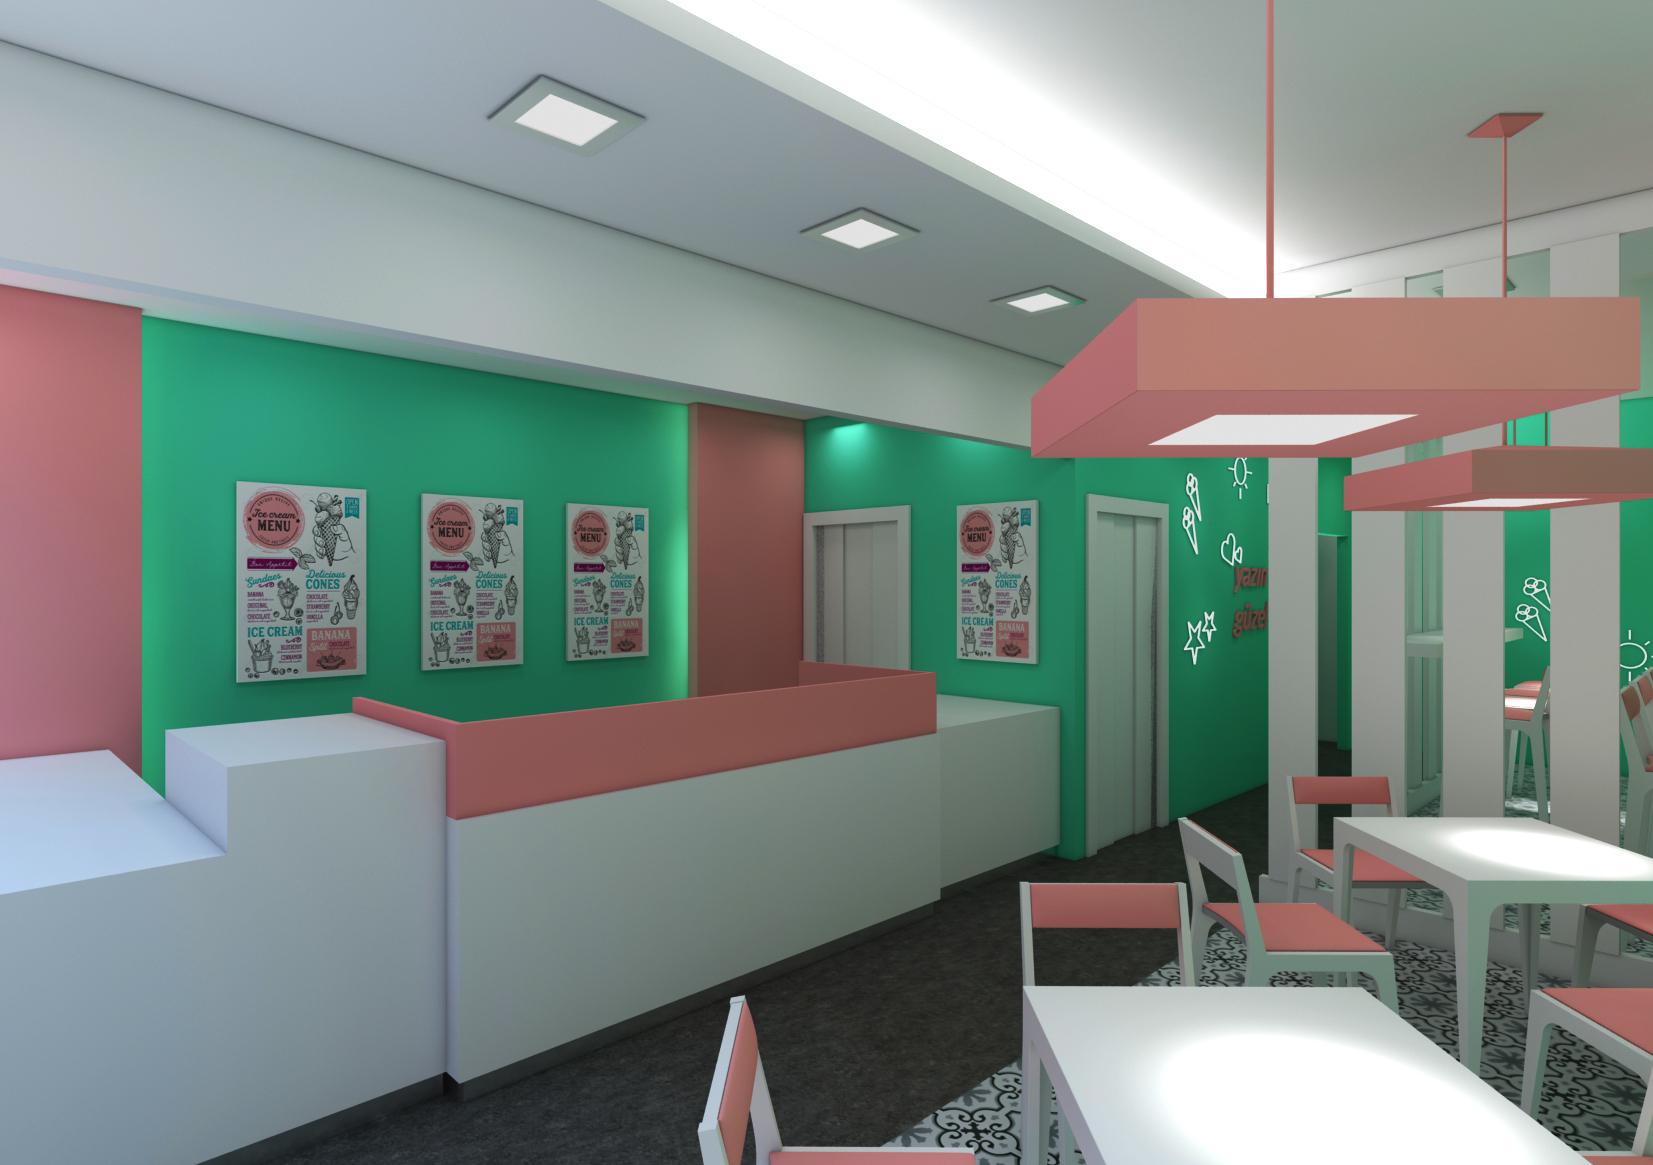 Dondurma Dükkanı Tasarımı